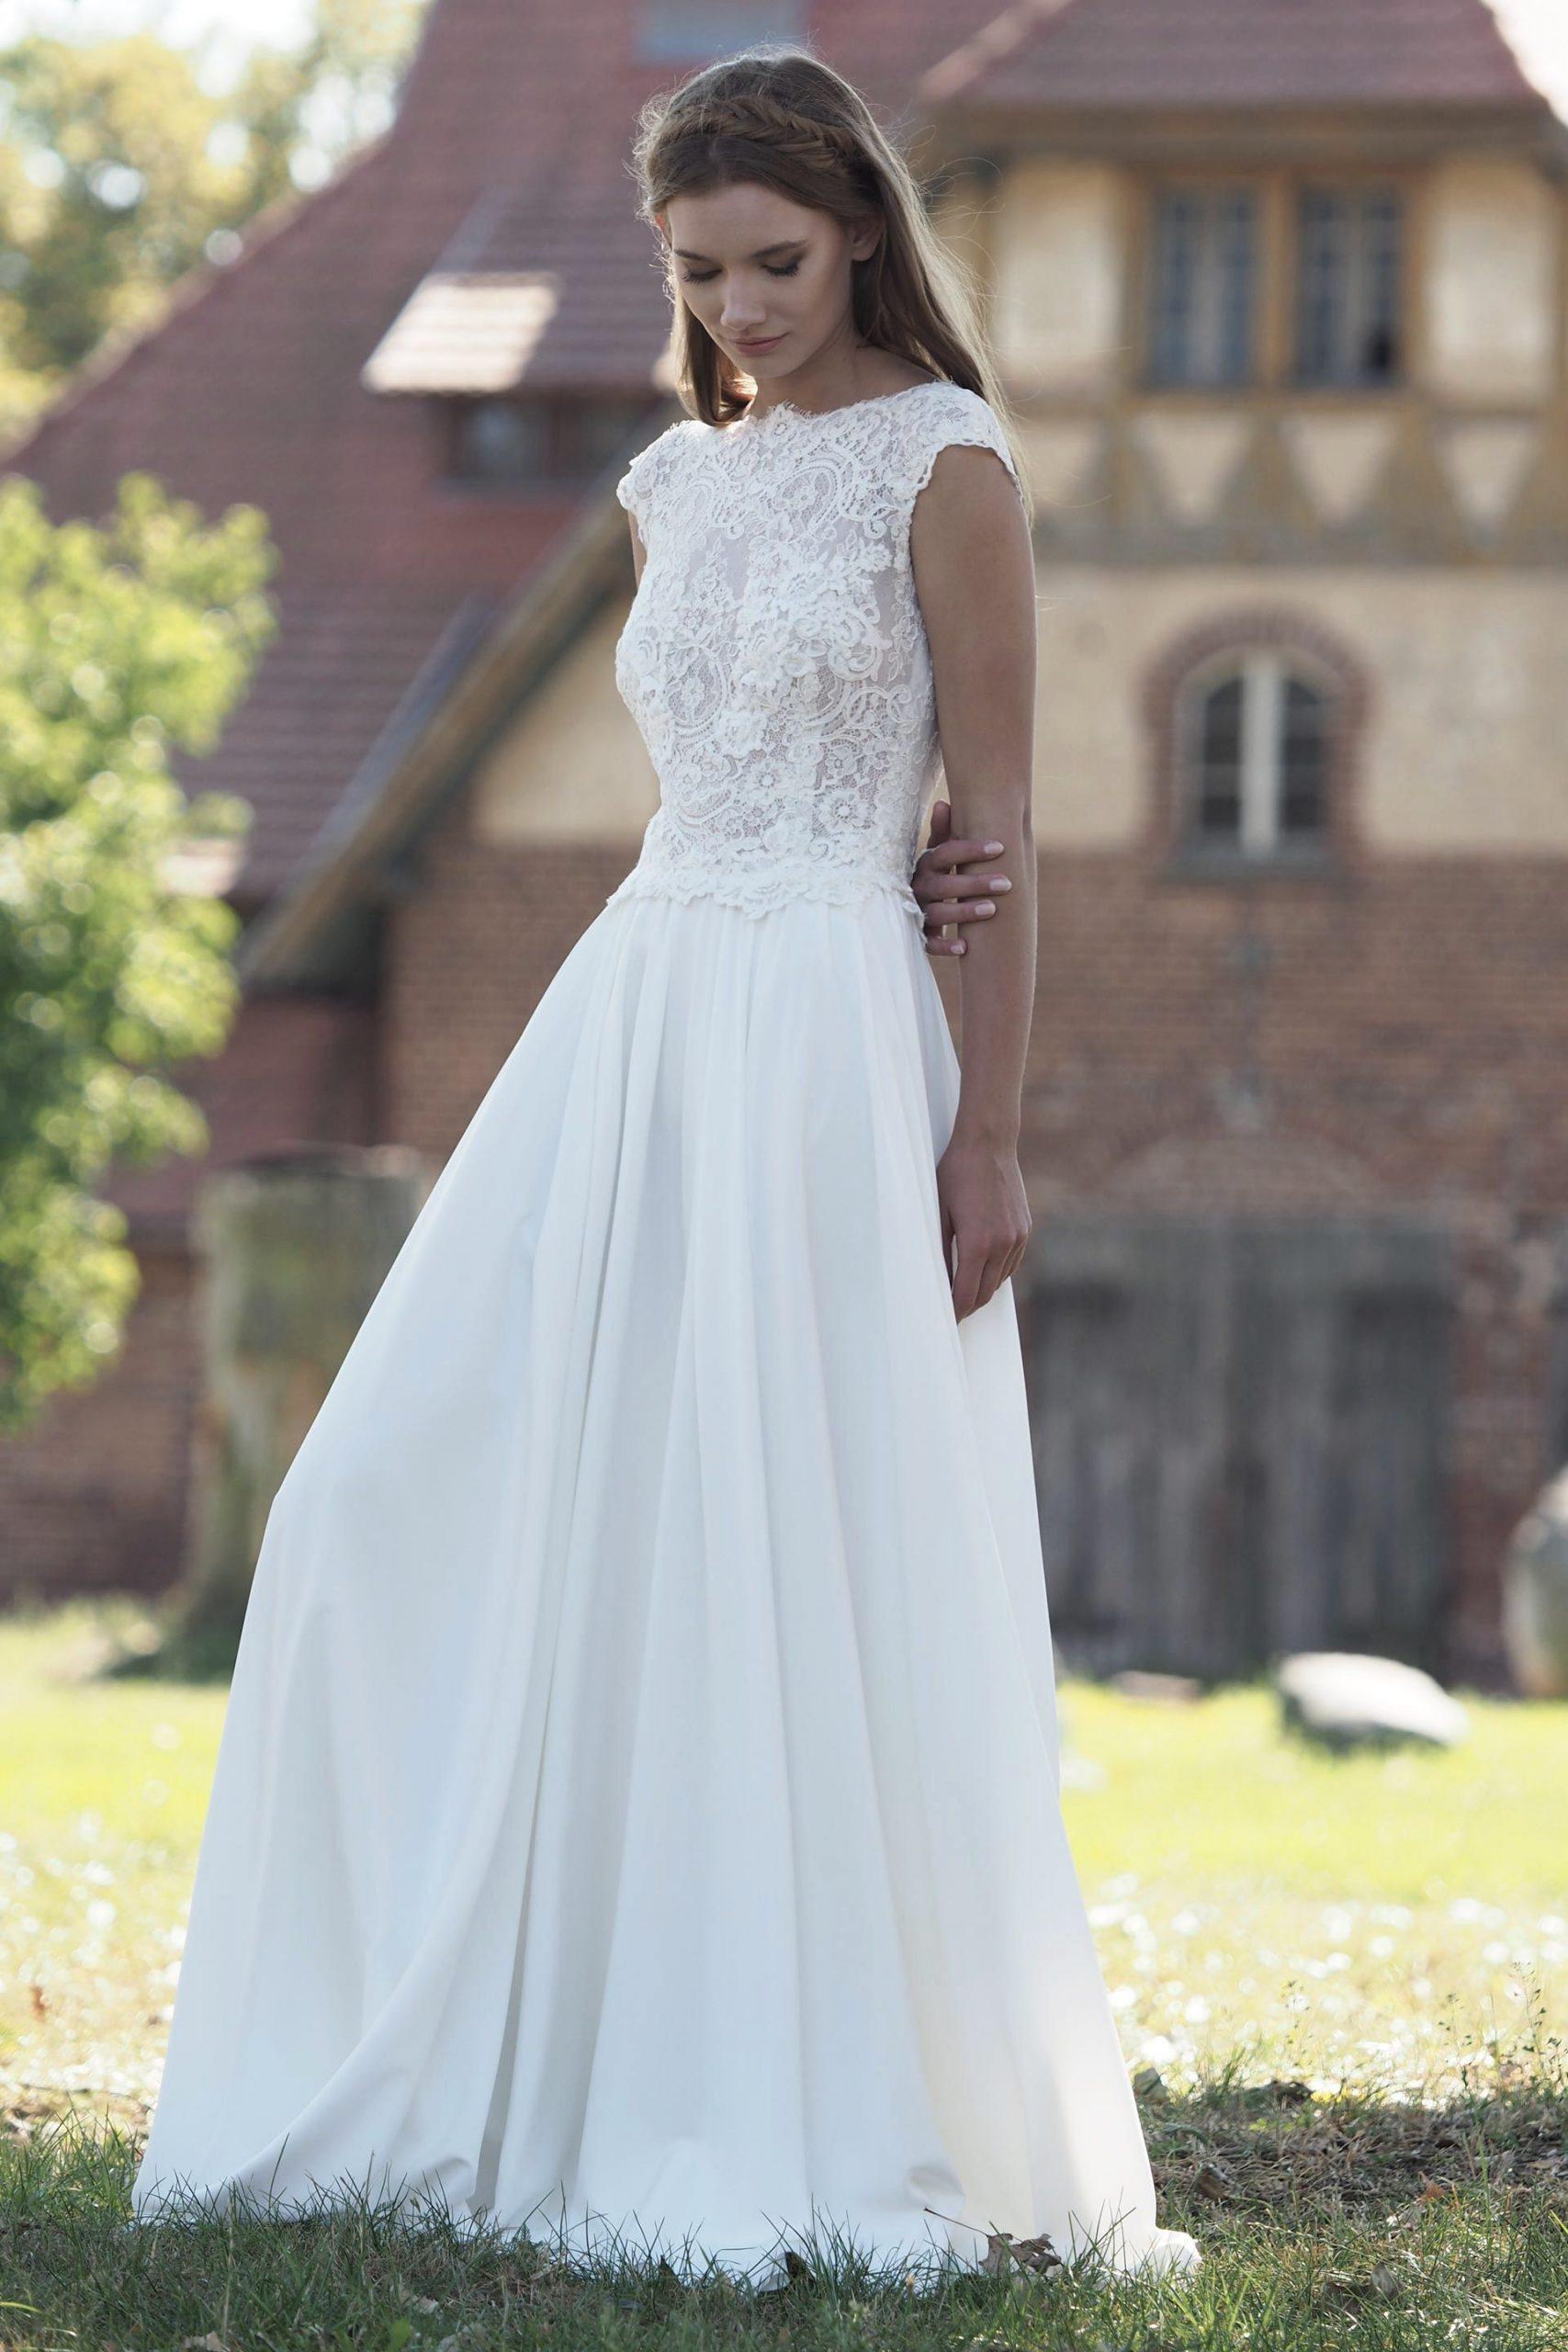 Modell Kira 827  Silk  Lace Hochzeitskleider Wir